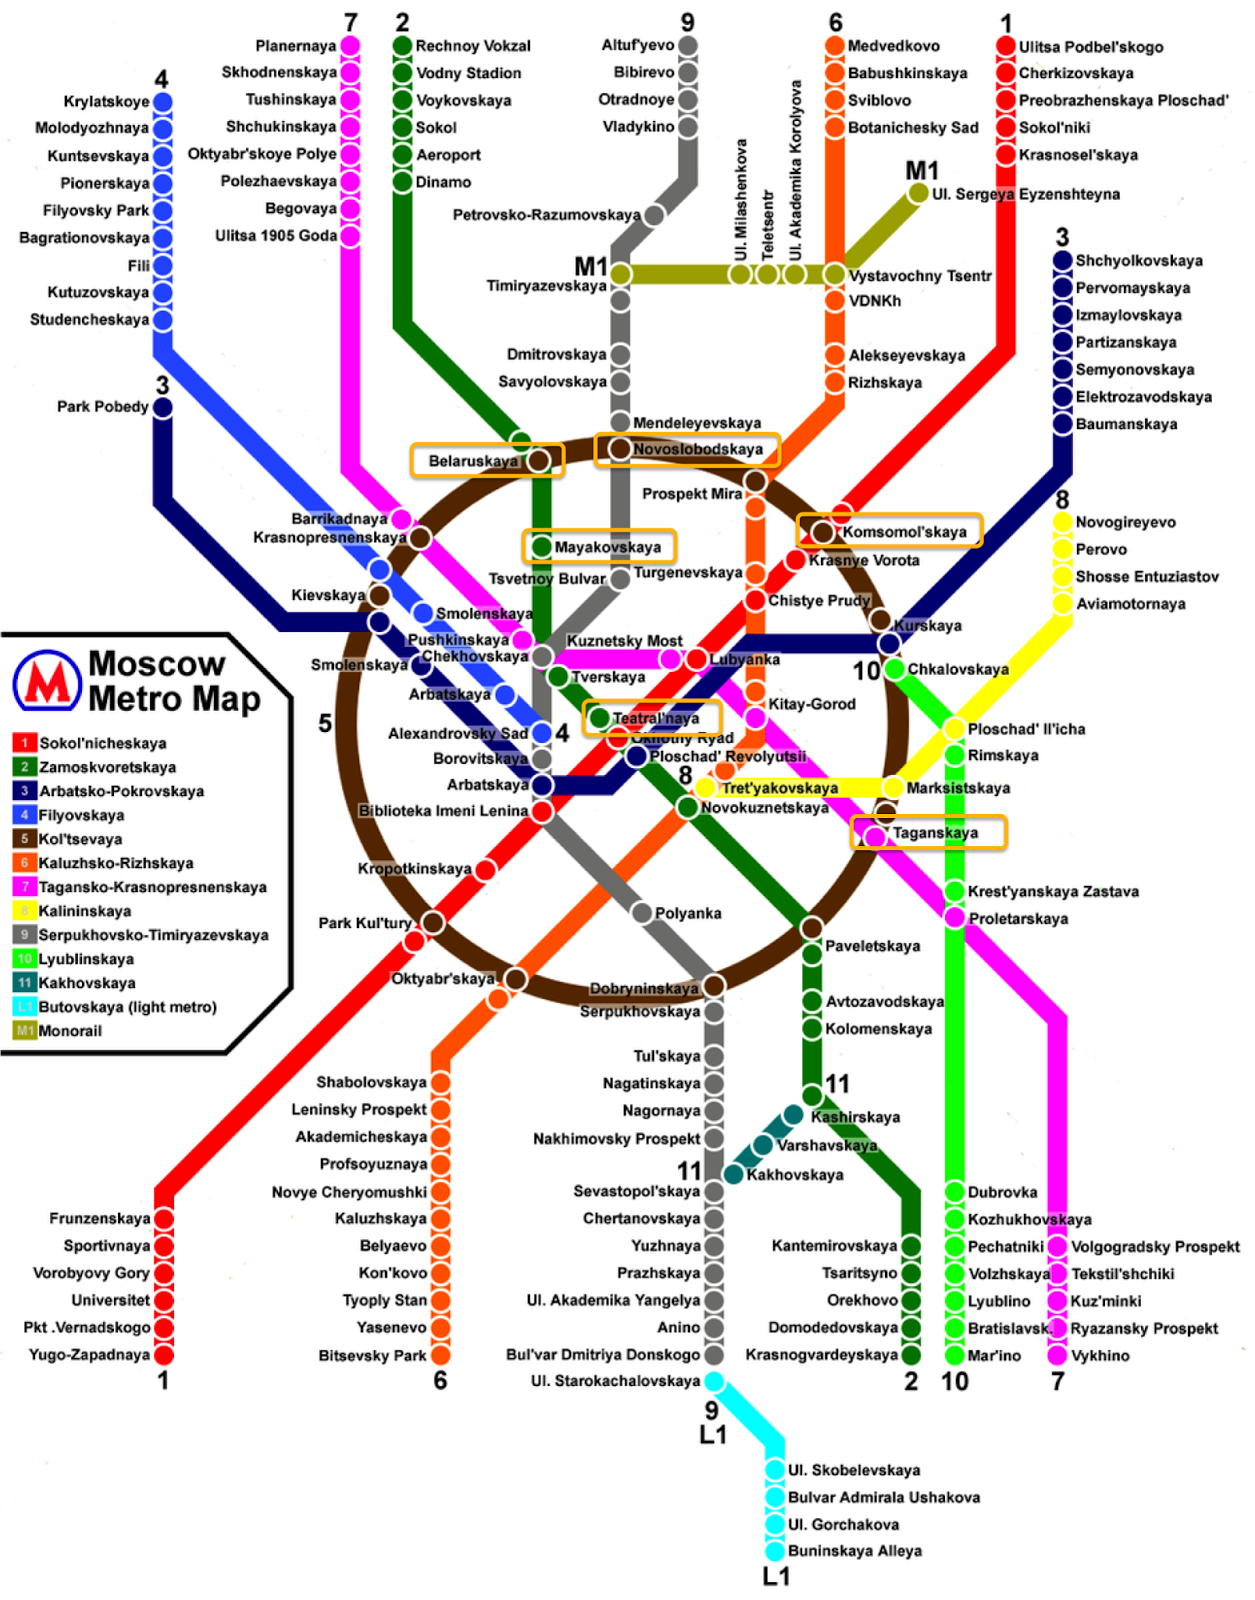 Mapa Metrô de Moscou